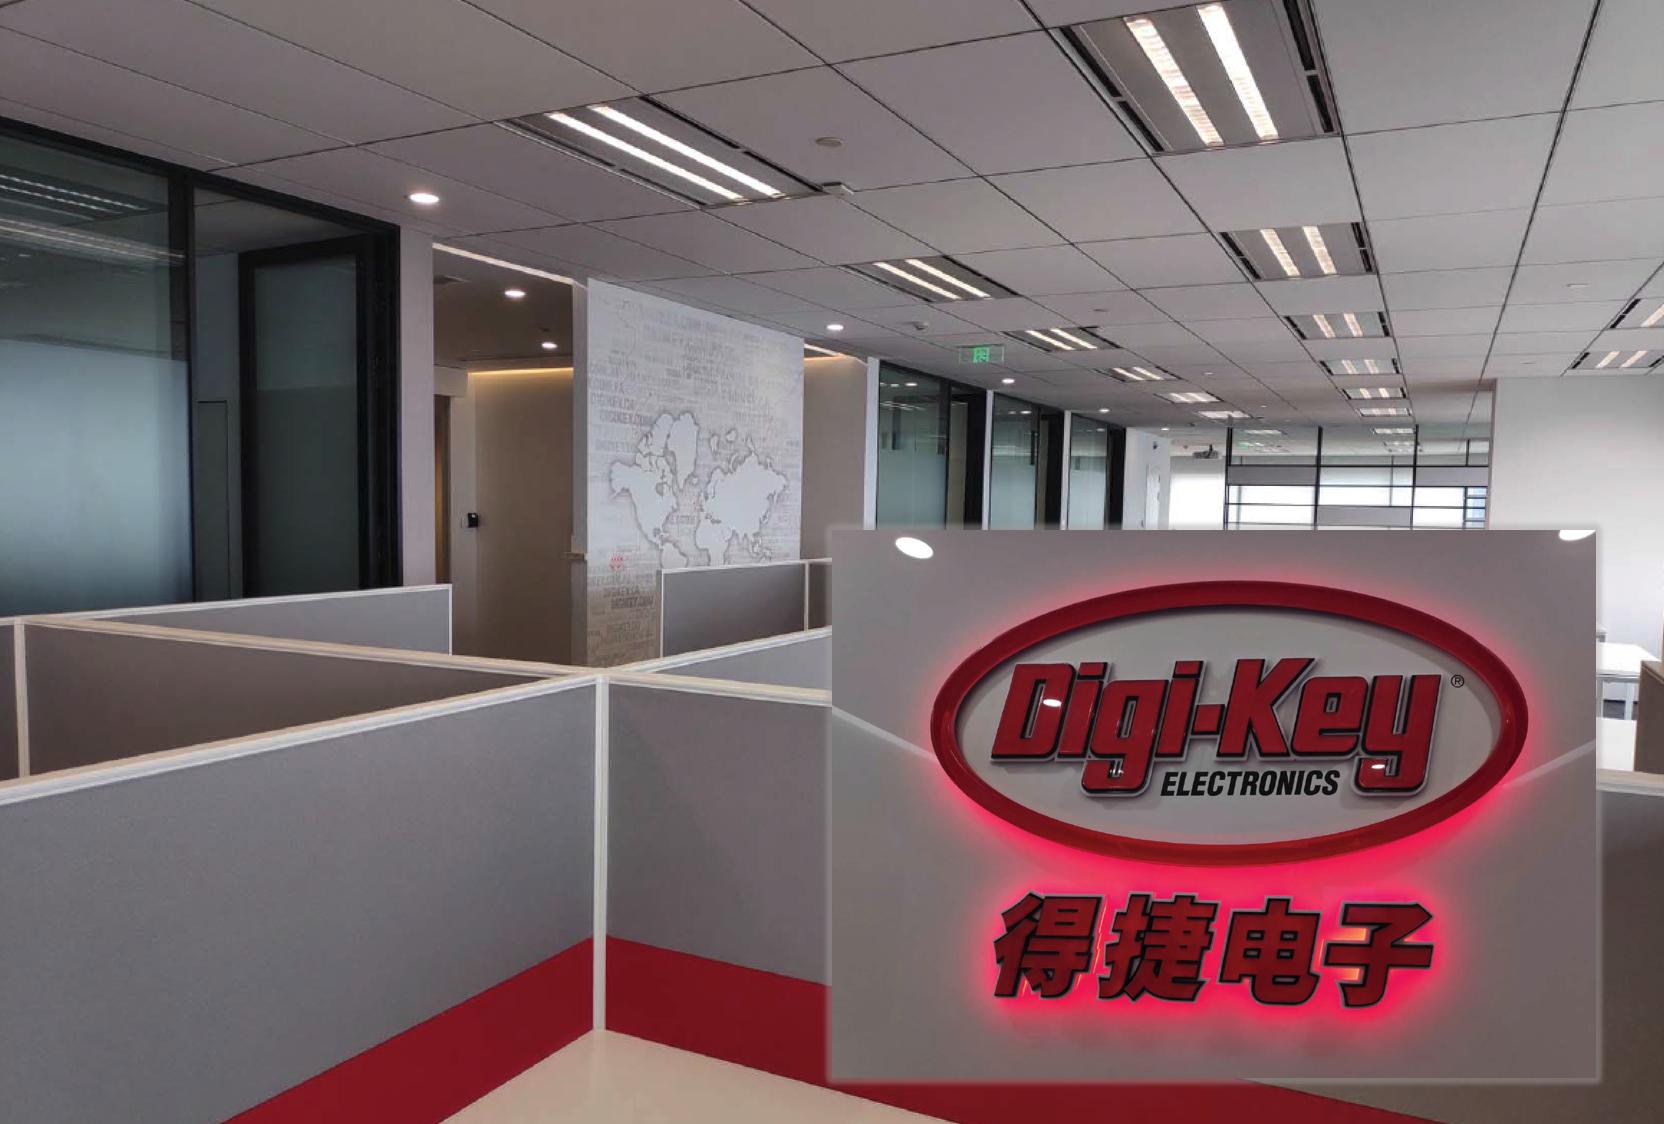 Digi-Key 上海办事处乔迁新址,继续刷新中国市场增长纪录